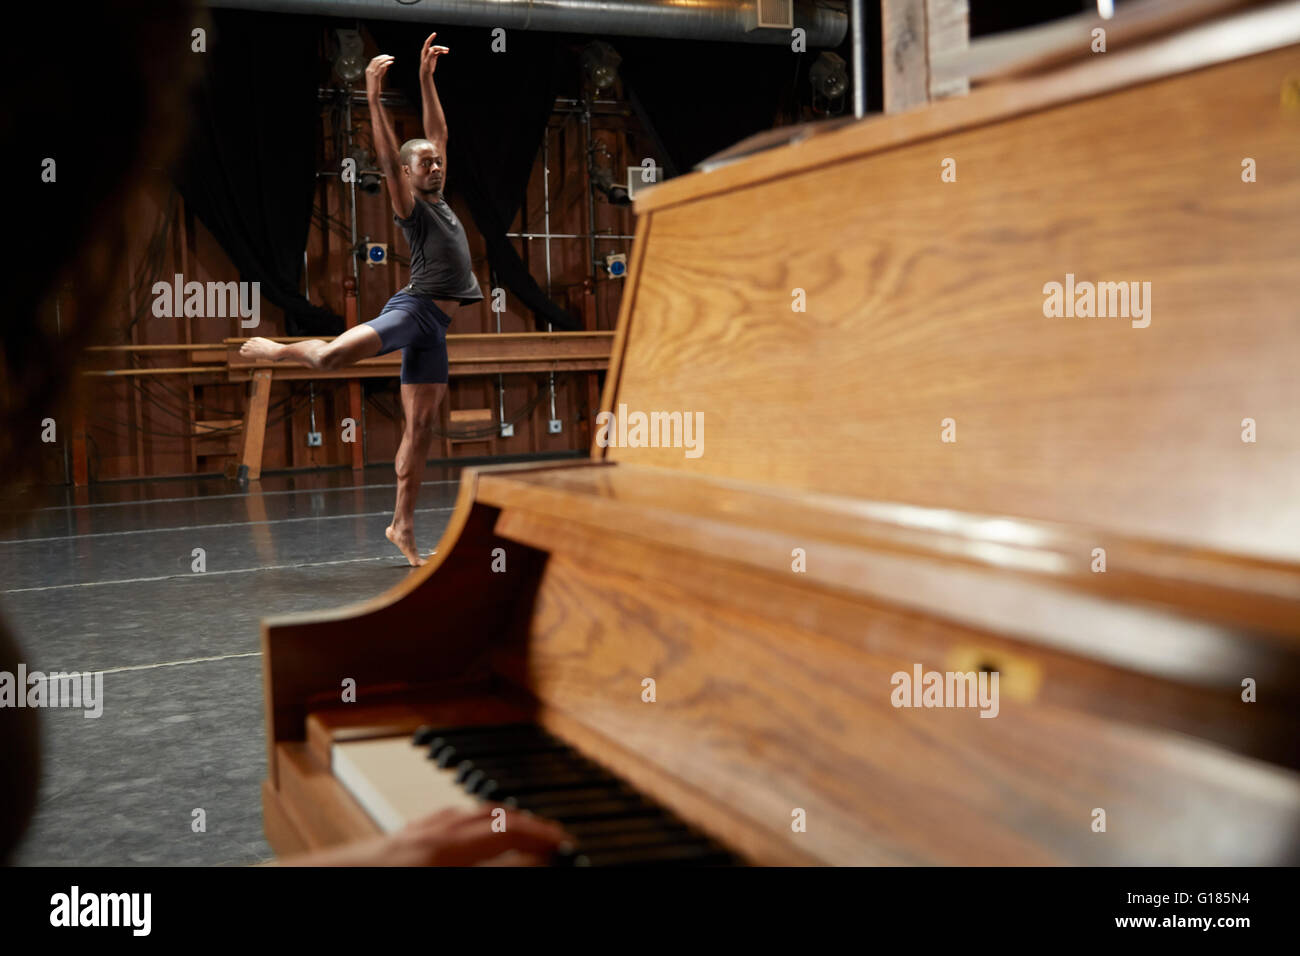 Ballerina in posizione, il pianoforte in primo piano Immagini Stock